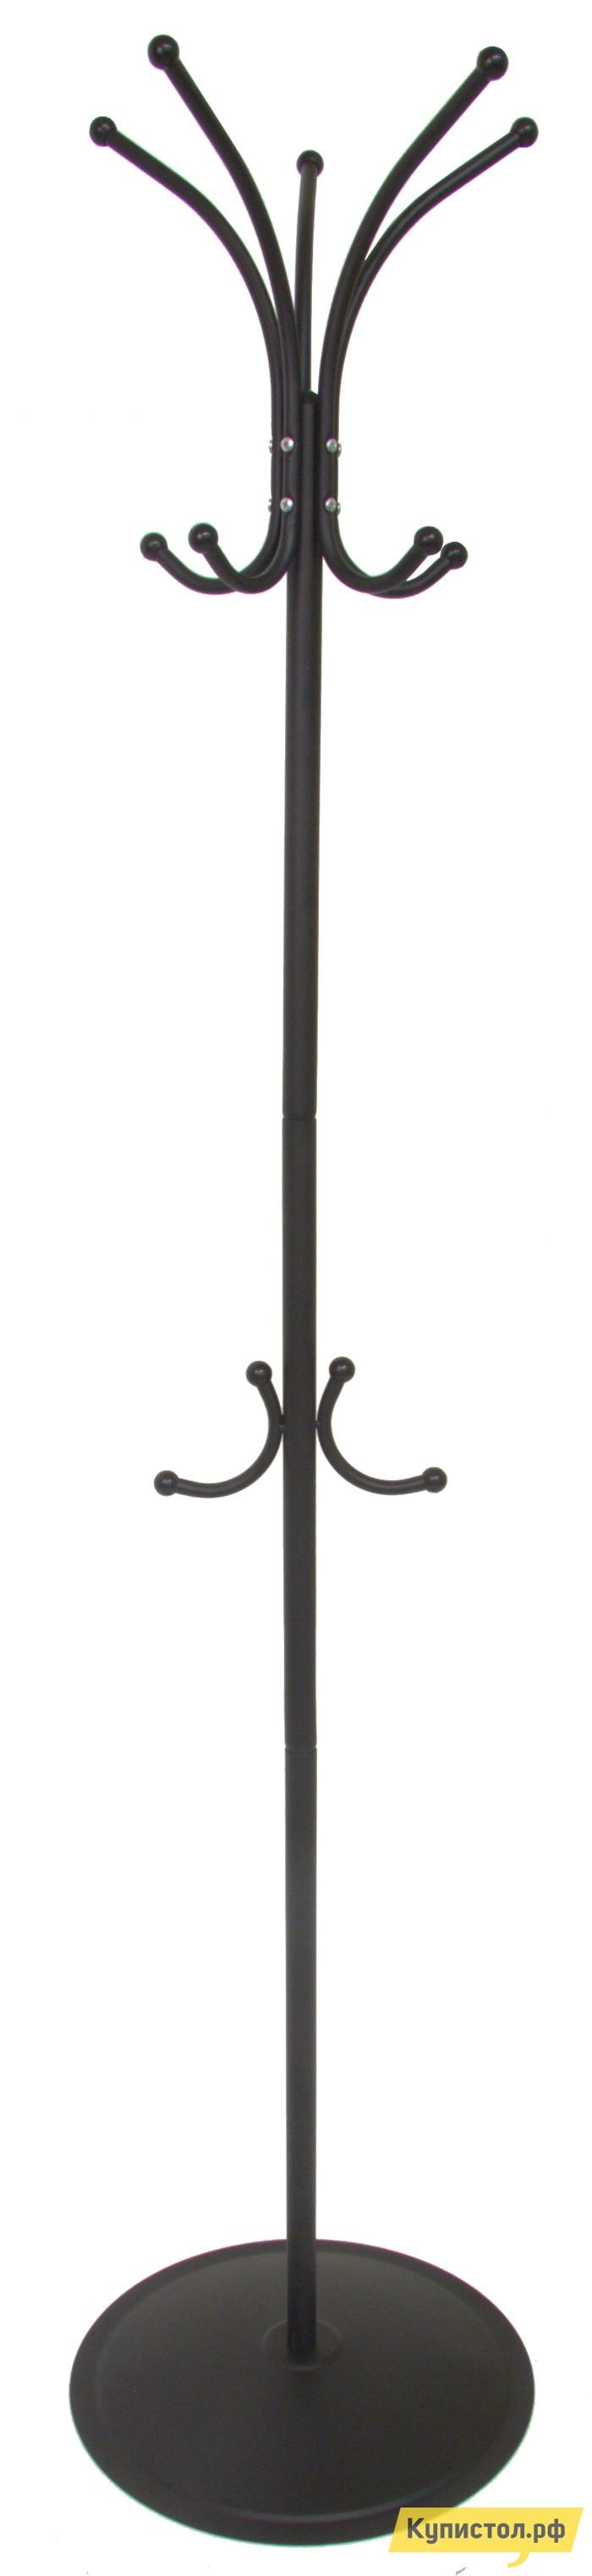 Напольная вешалка Мебелик Пико 4 Черный